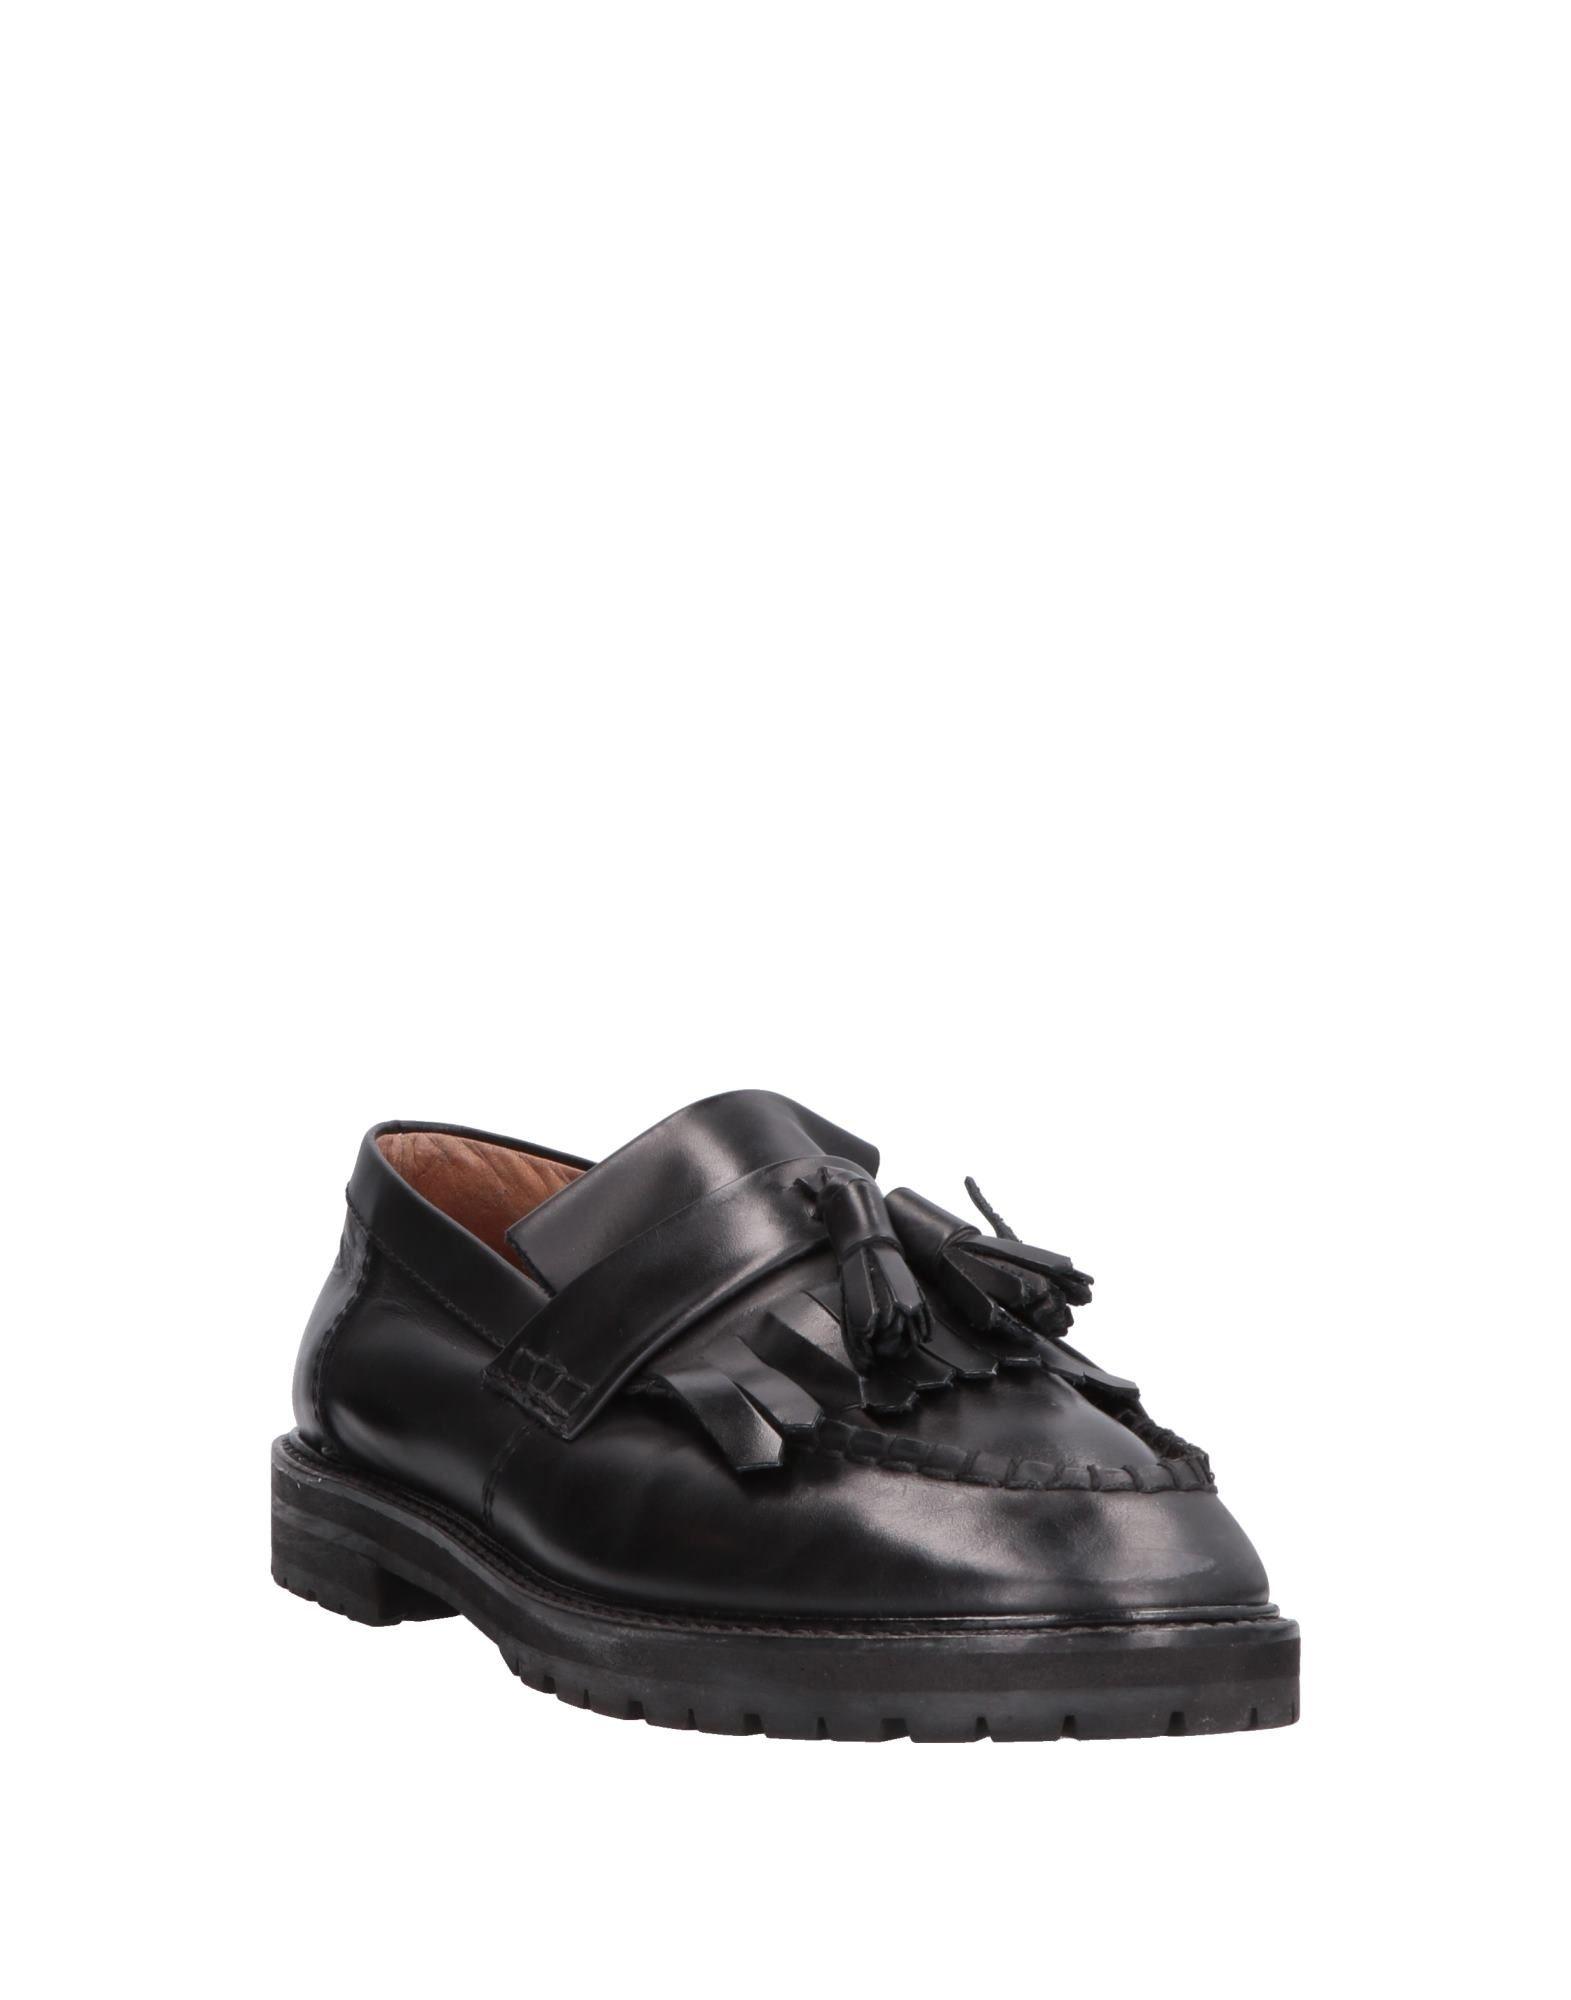 Stilvolle billige Schuhe Damen Liviana Conti Mokassins Damen Schuhe  11554469AF a453f8